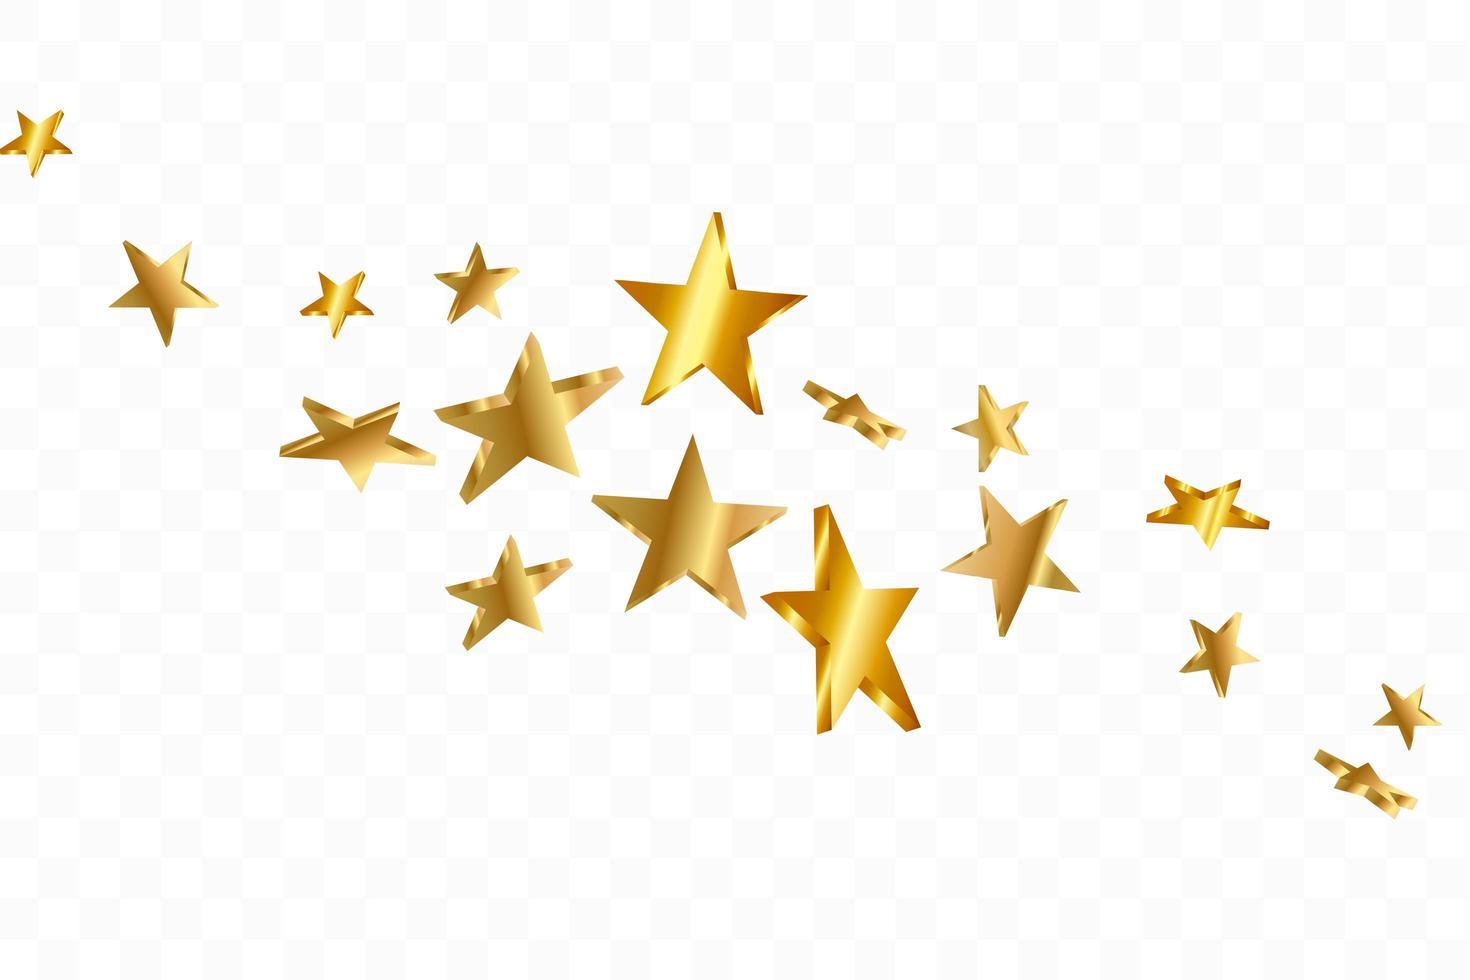 Étoiles 3D tombant. fond étoilé jaune or. fond d'étoile de confettis de vecteur. vecteur